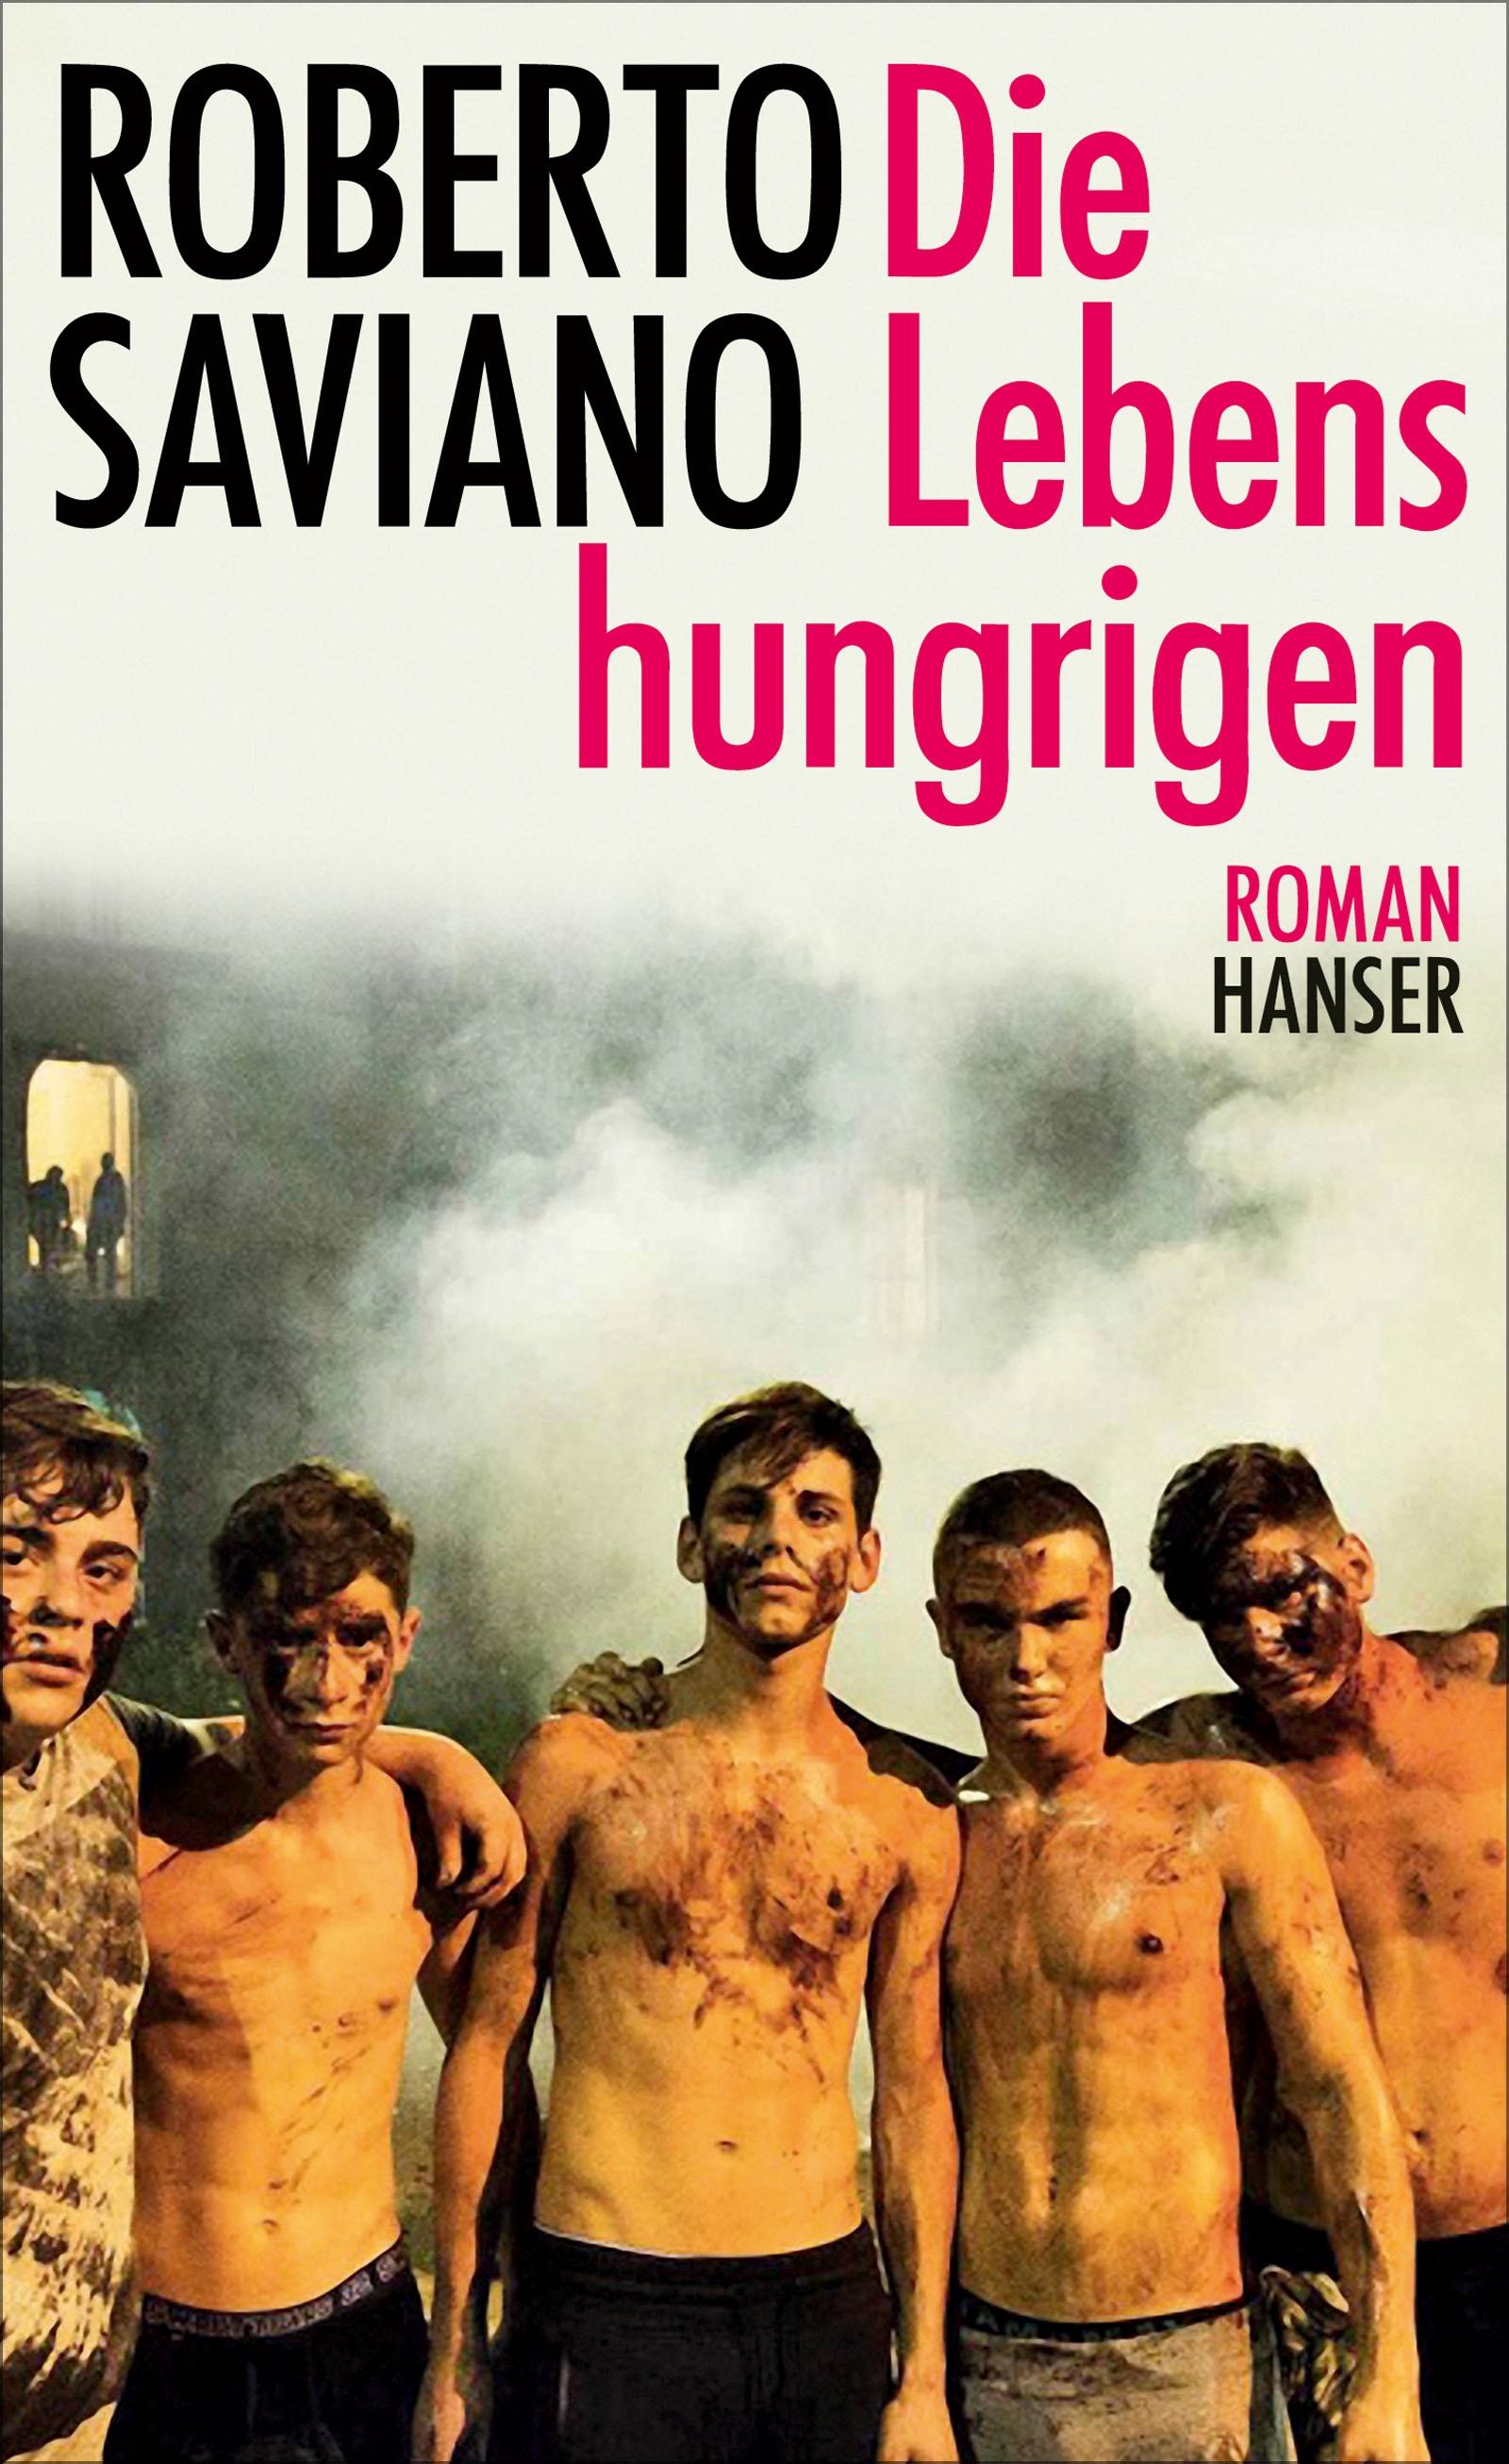 https://www.hanser-literaturverlage.de/buch/die-lebenshungrigen/978-3-446-26467-0/